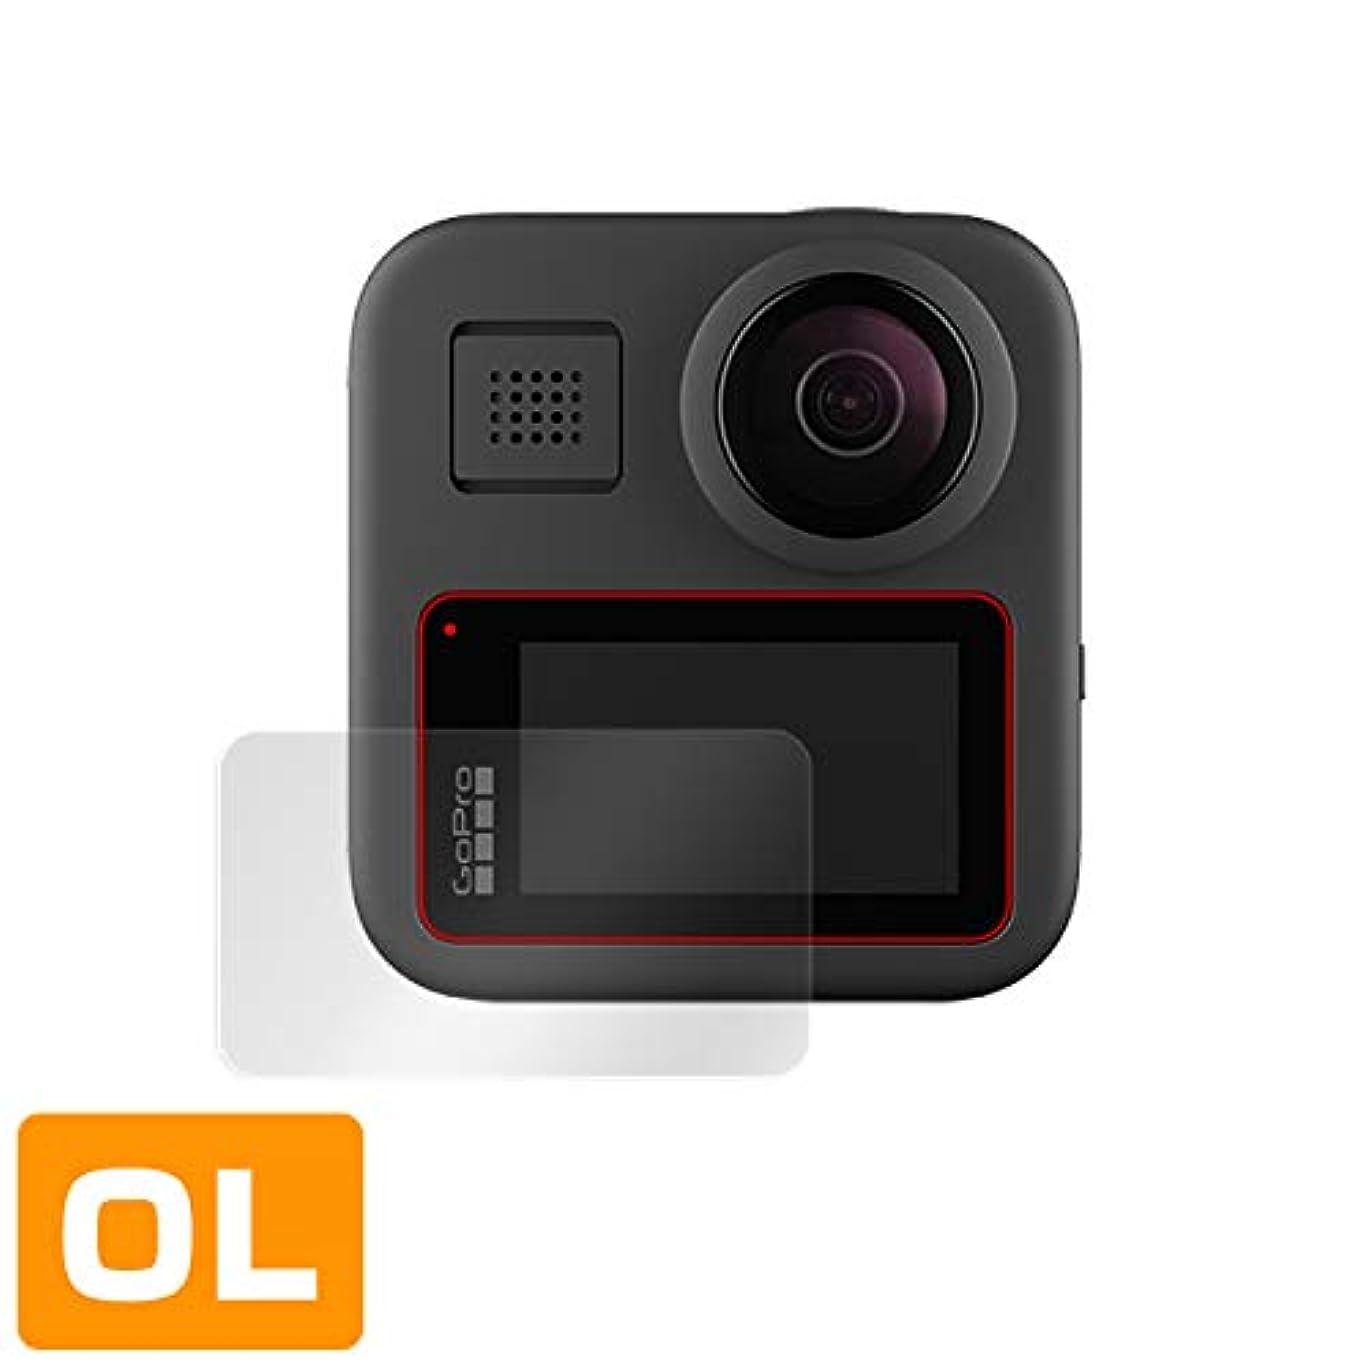 タックゼリークランシー2枚入 日本製 防指紋 防気泡 GoPro MAX 用 反射防止液晶保護フィルム OverLay Plus OLGOPROMAX/12